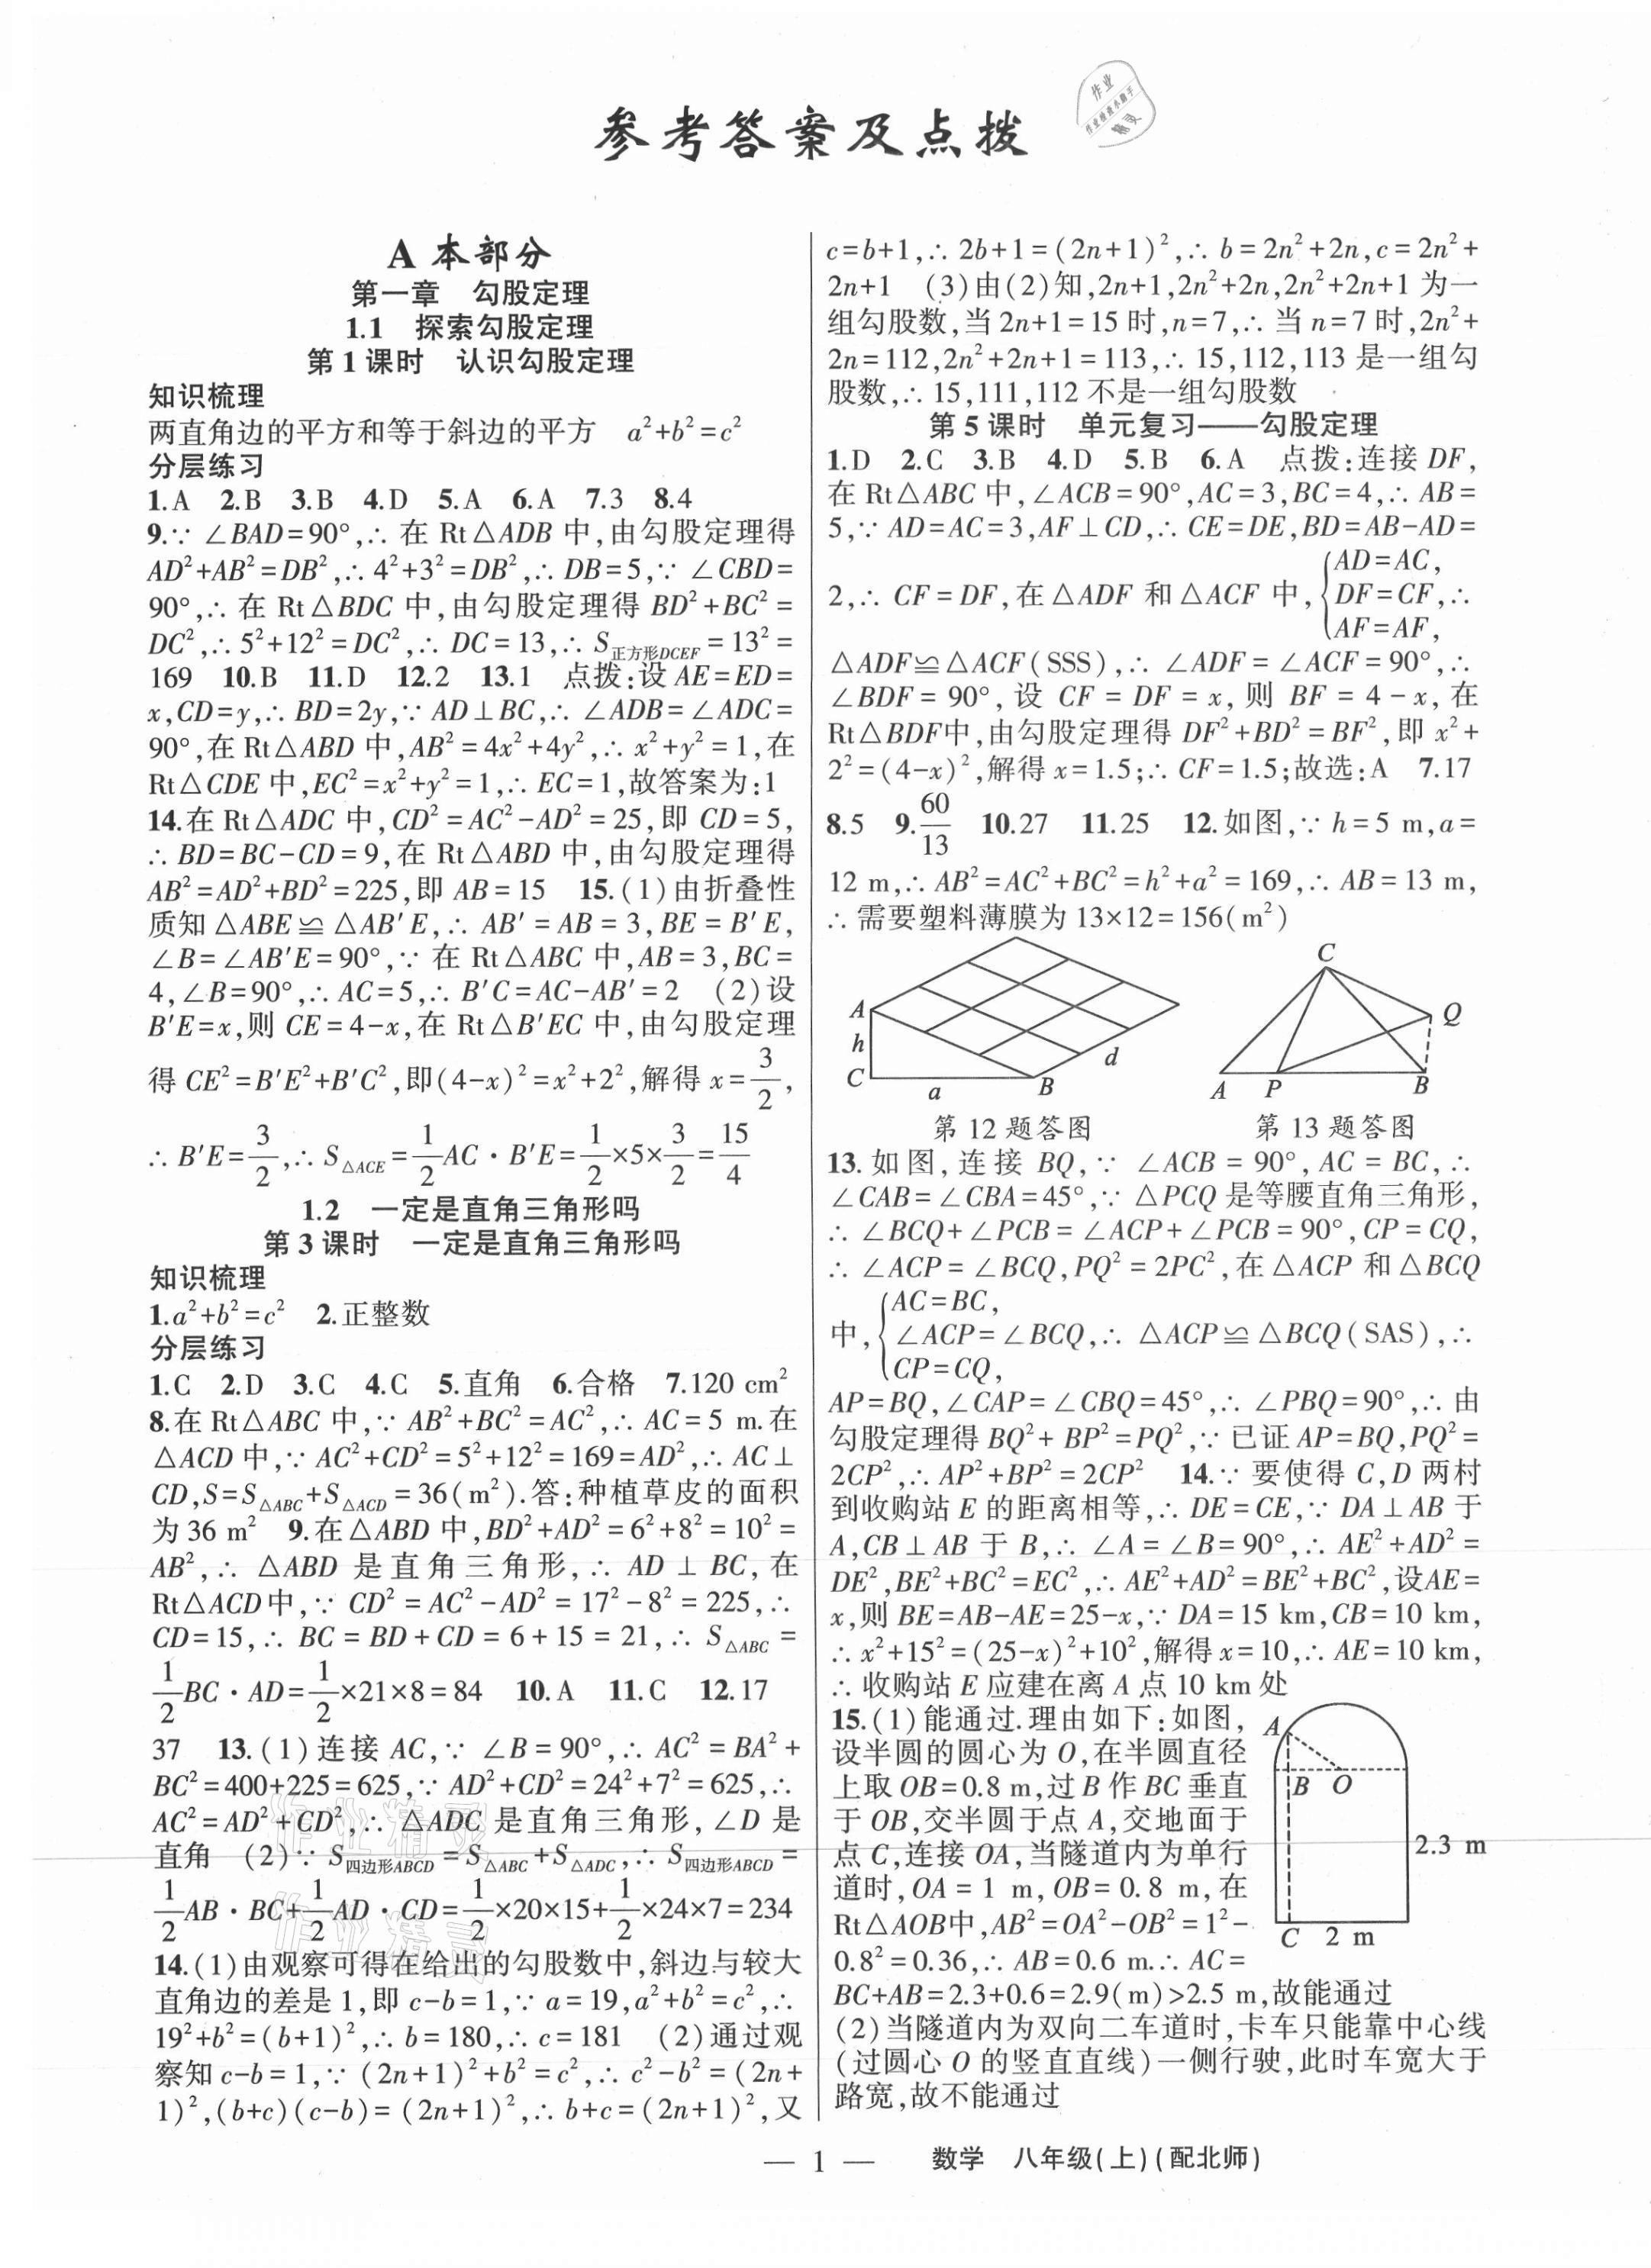 2021年原創新課堂八年級數學上冊北師大版深圳專版第1頁